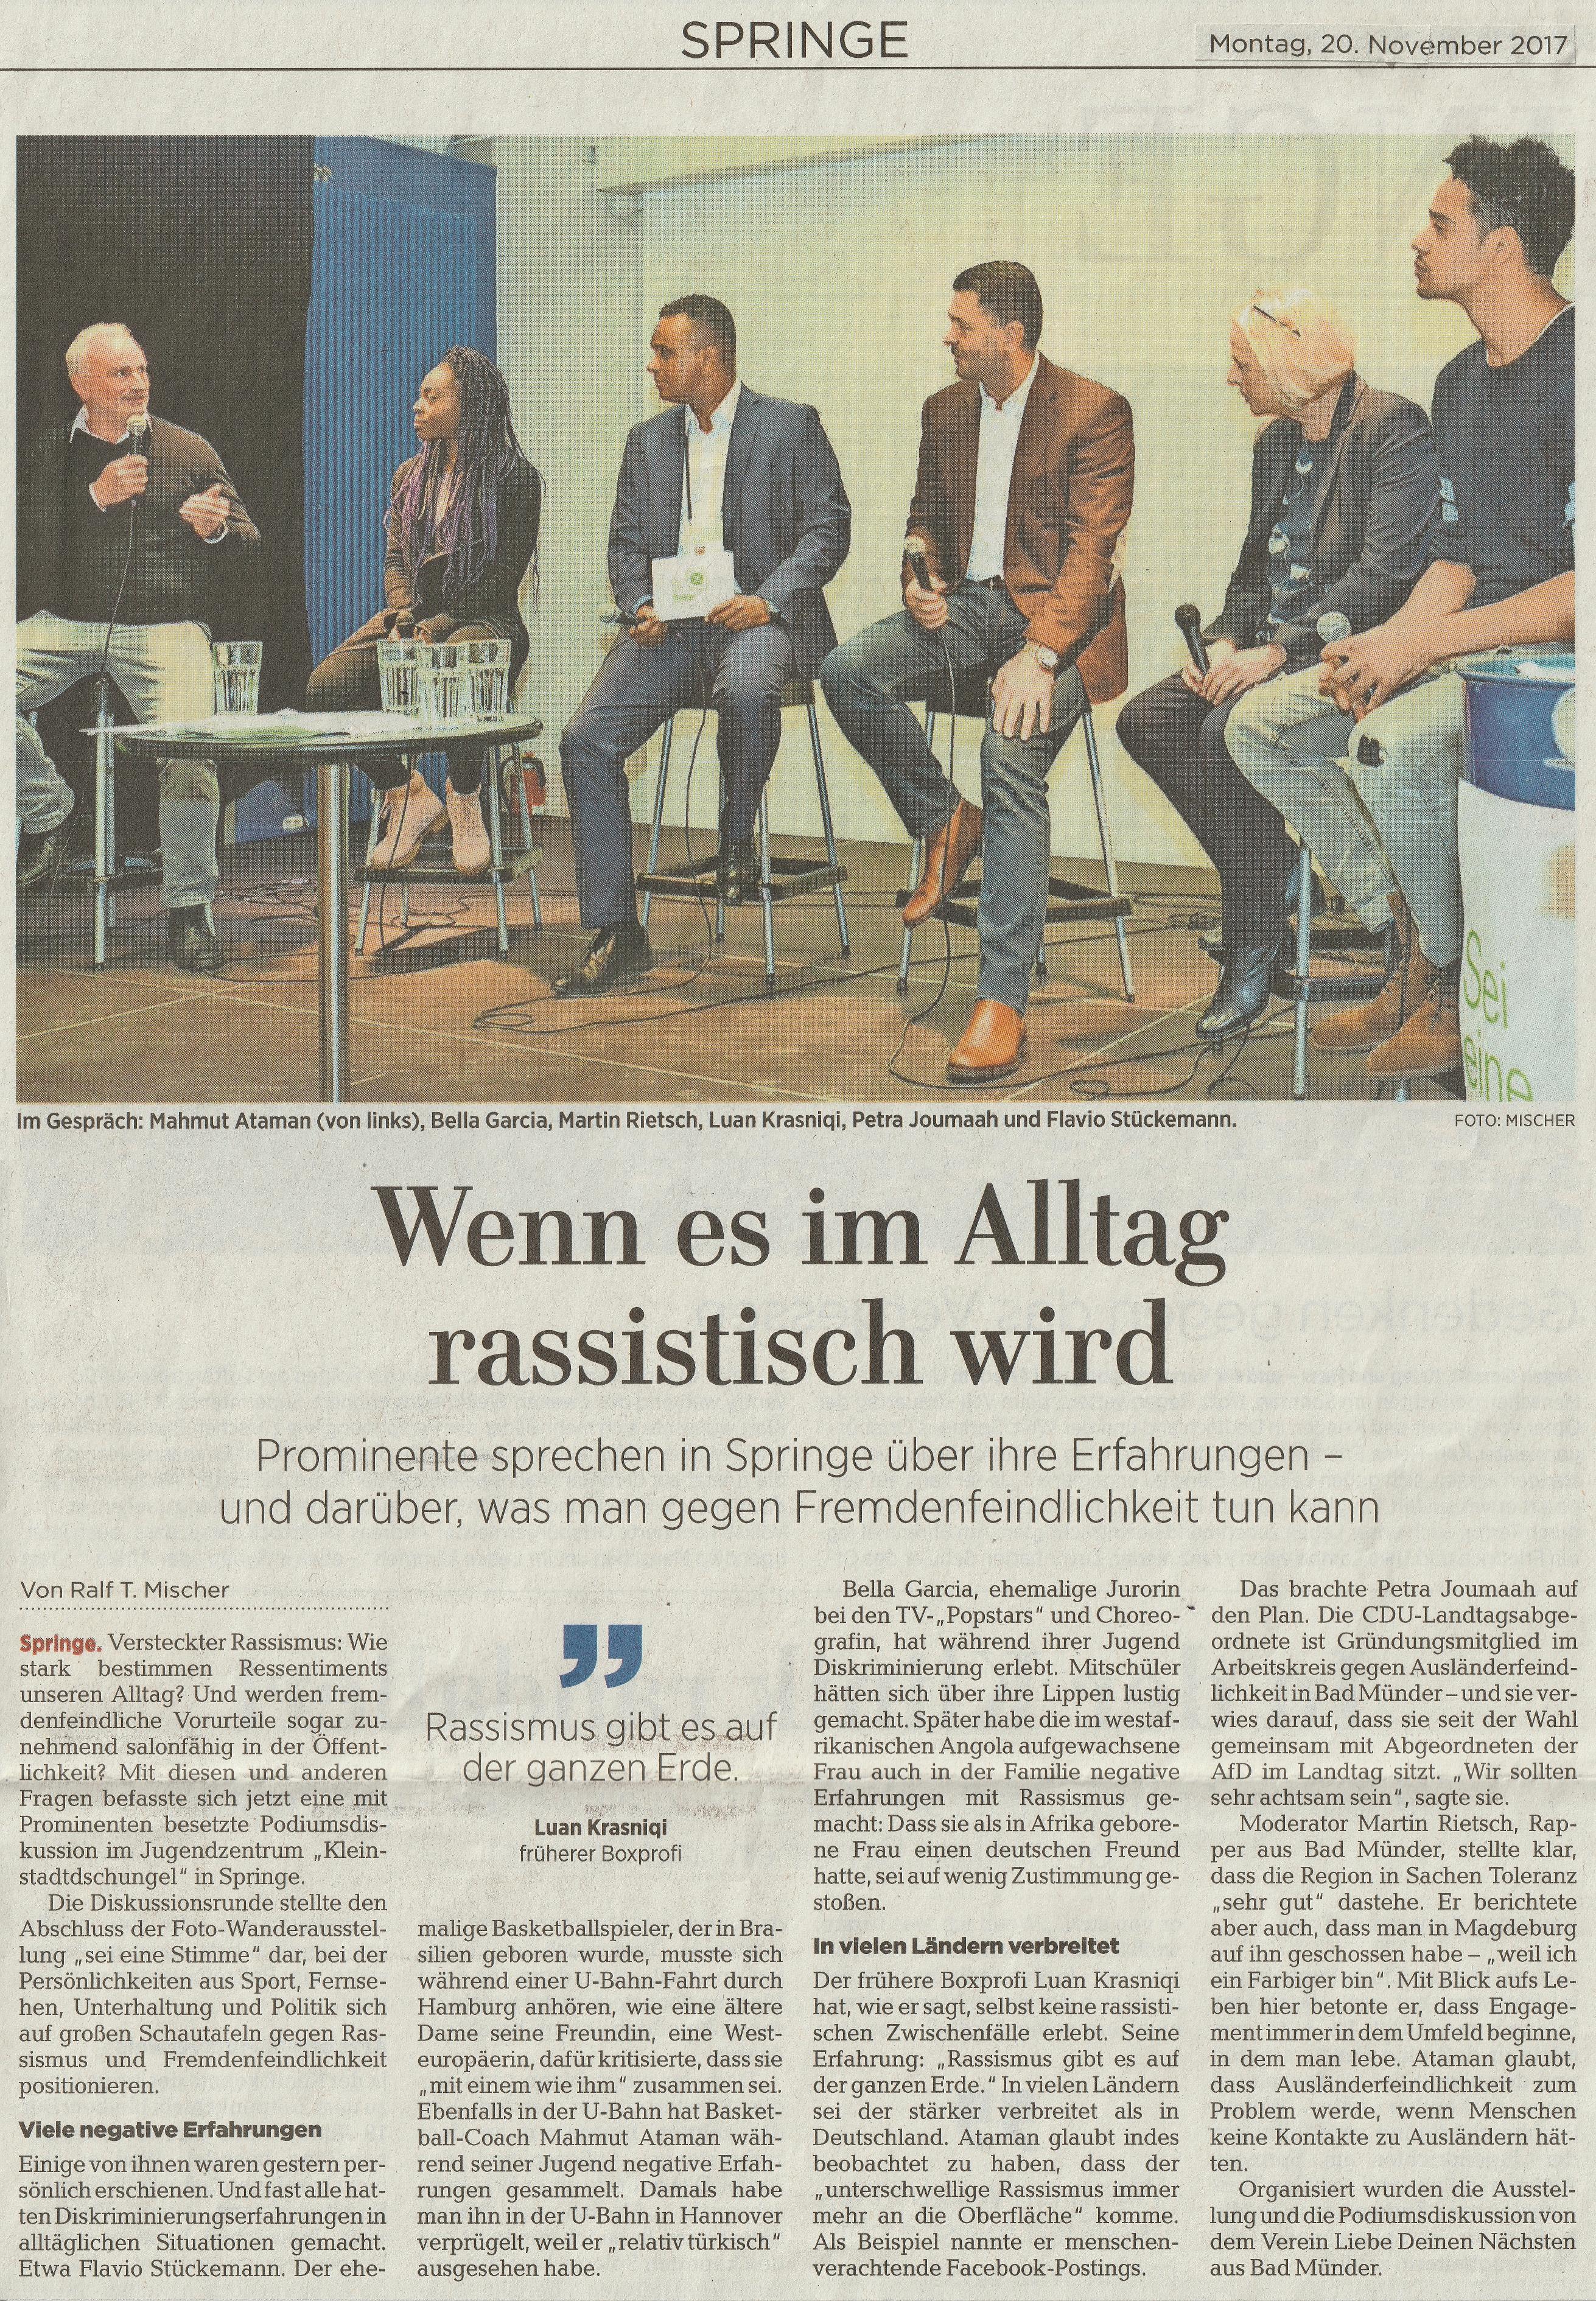 Neue Presse 20.11.2017